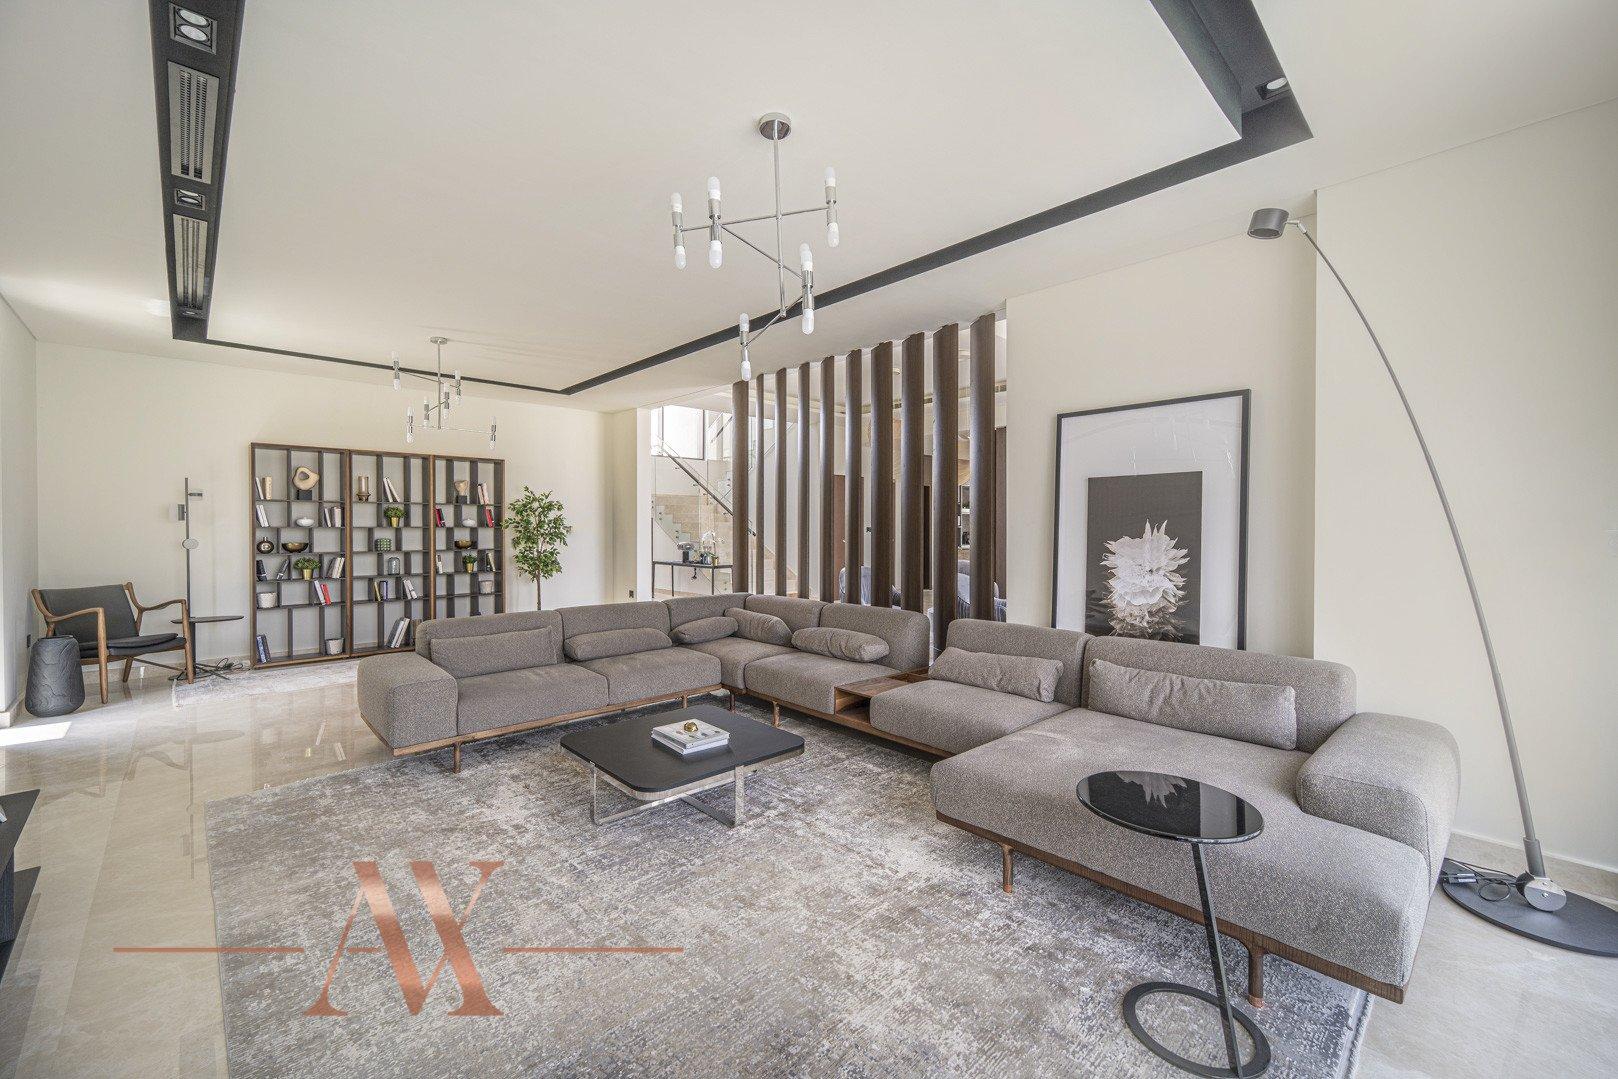 Villa en venta en Dubai, EAU, 4 dormitorios, 659.6 m2, № 23710 – foto 20